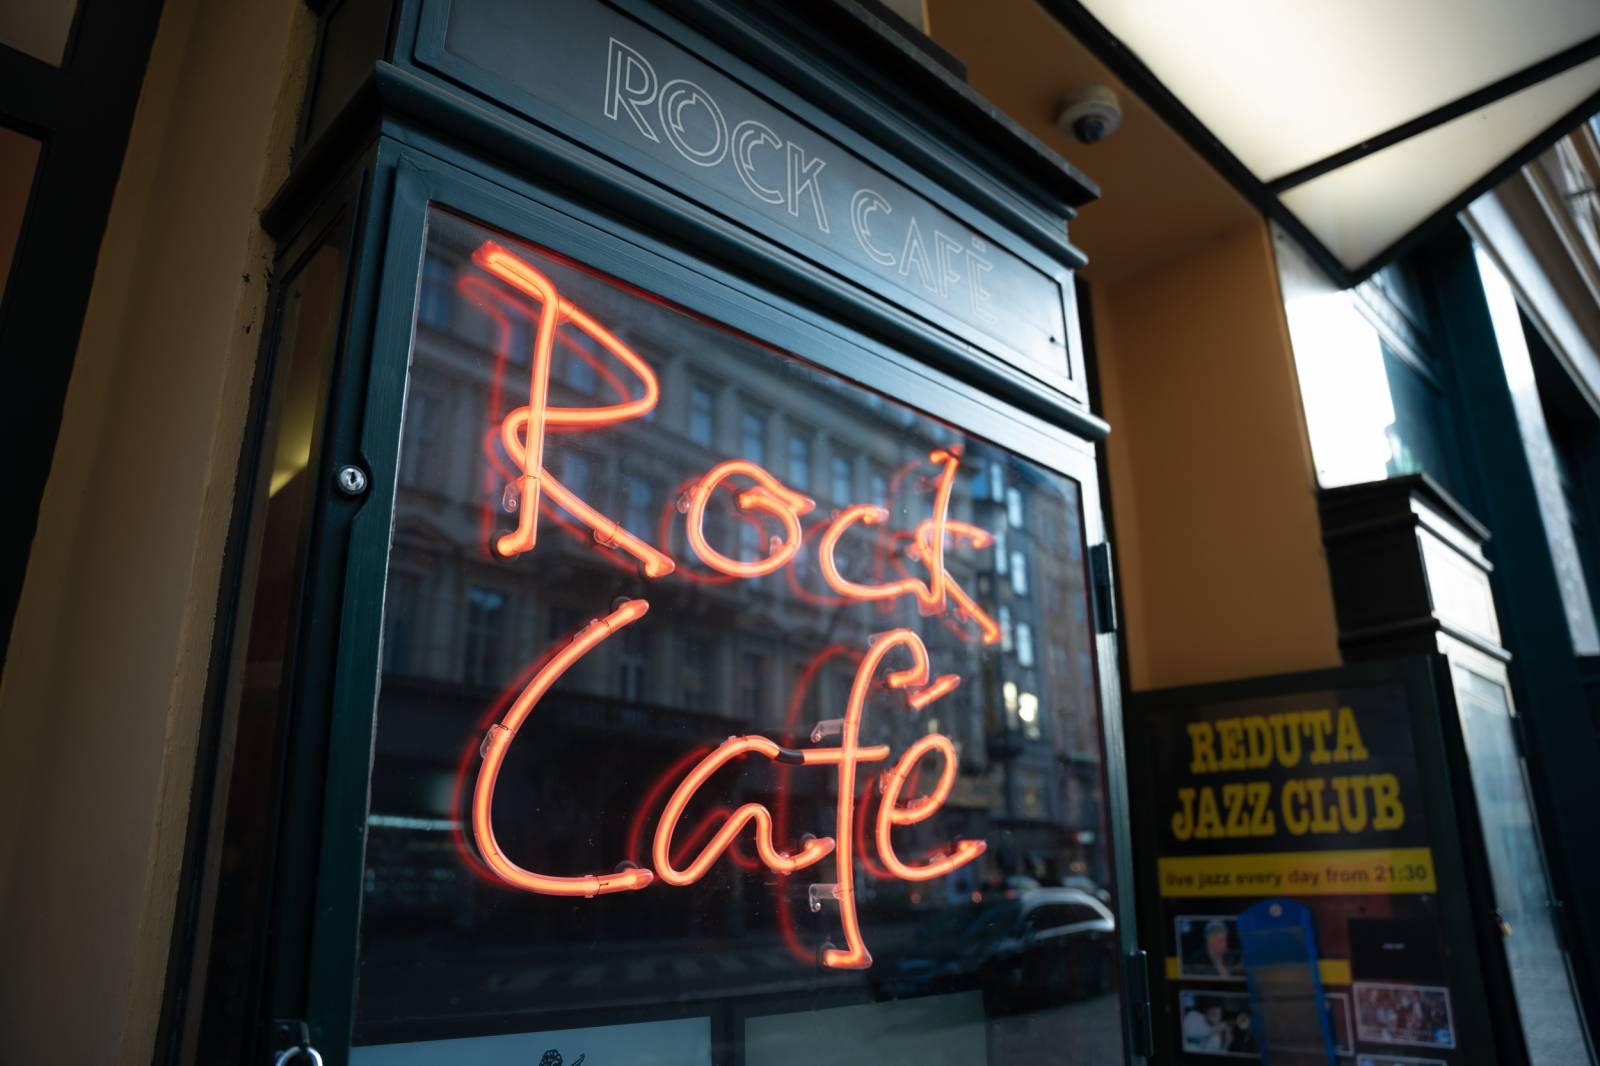 Rock Café stále září Národní třídou, Srdcařská okénka přivítají Vavřince Hradílka nebo Vladimíra Polívku